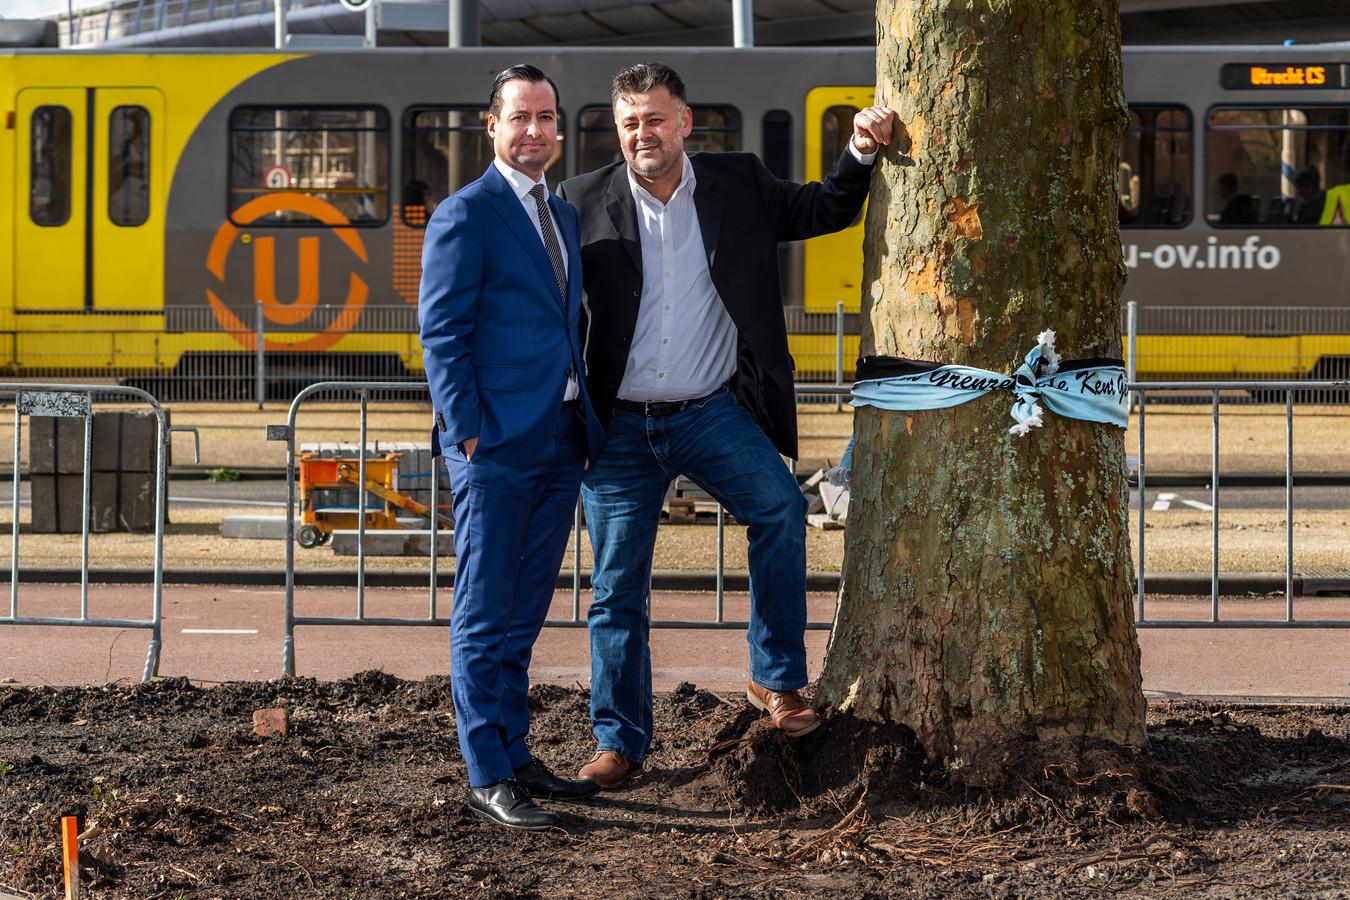 Mustafa Ercan (rechts) en zijn juridisch adviseur Karim Aachboun op het 24 Oktoberplein in Utrecht waar op 18 maart vorig jaar de aanslag op de tram werd gepleegd.